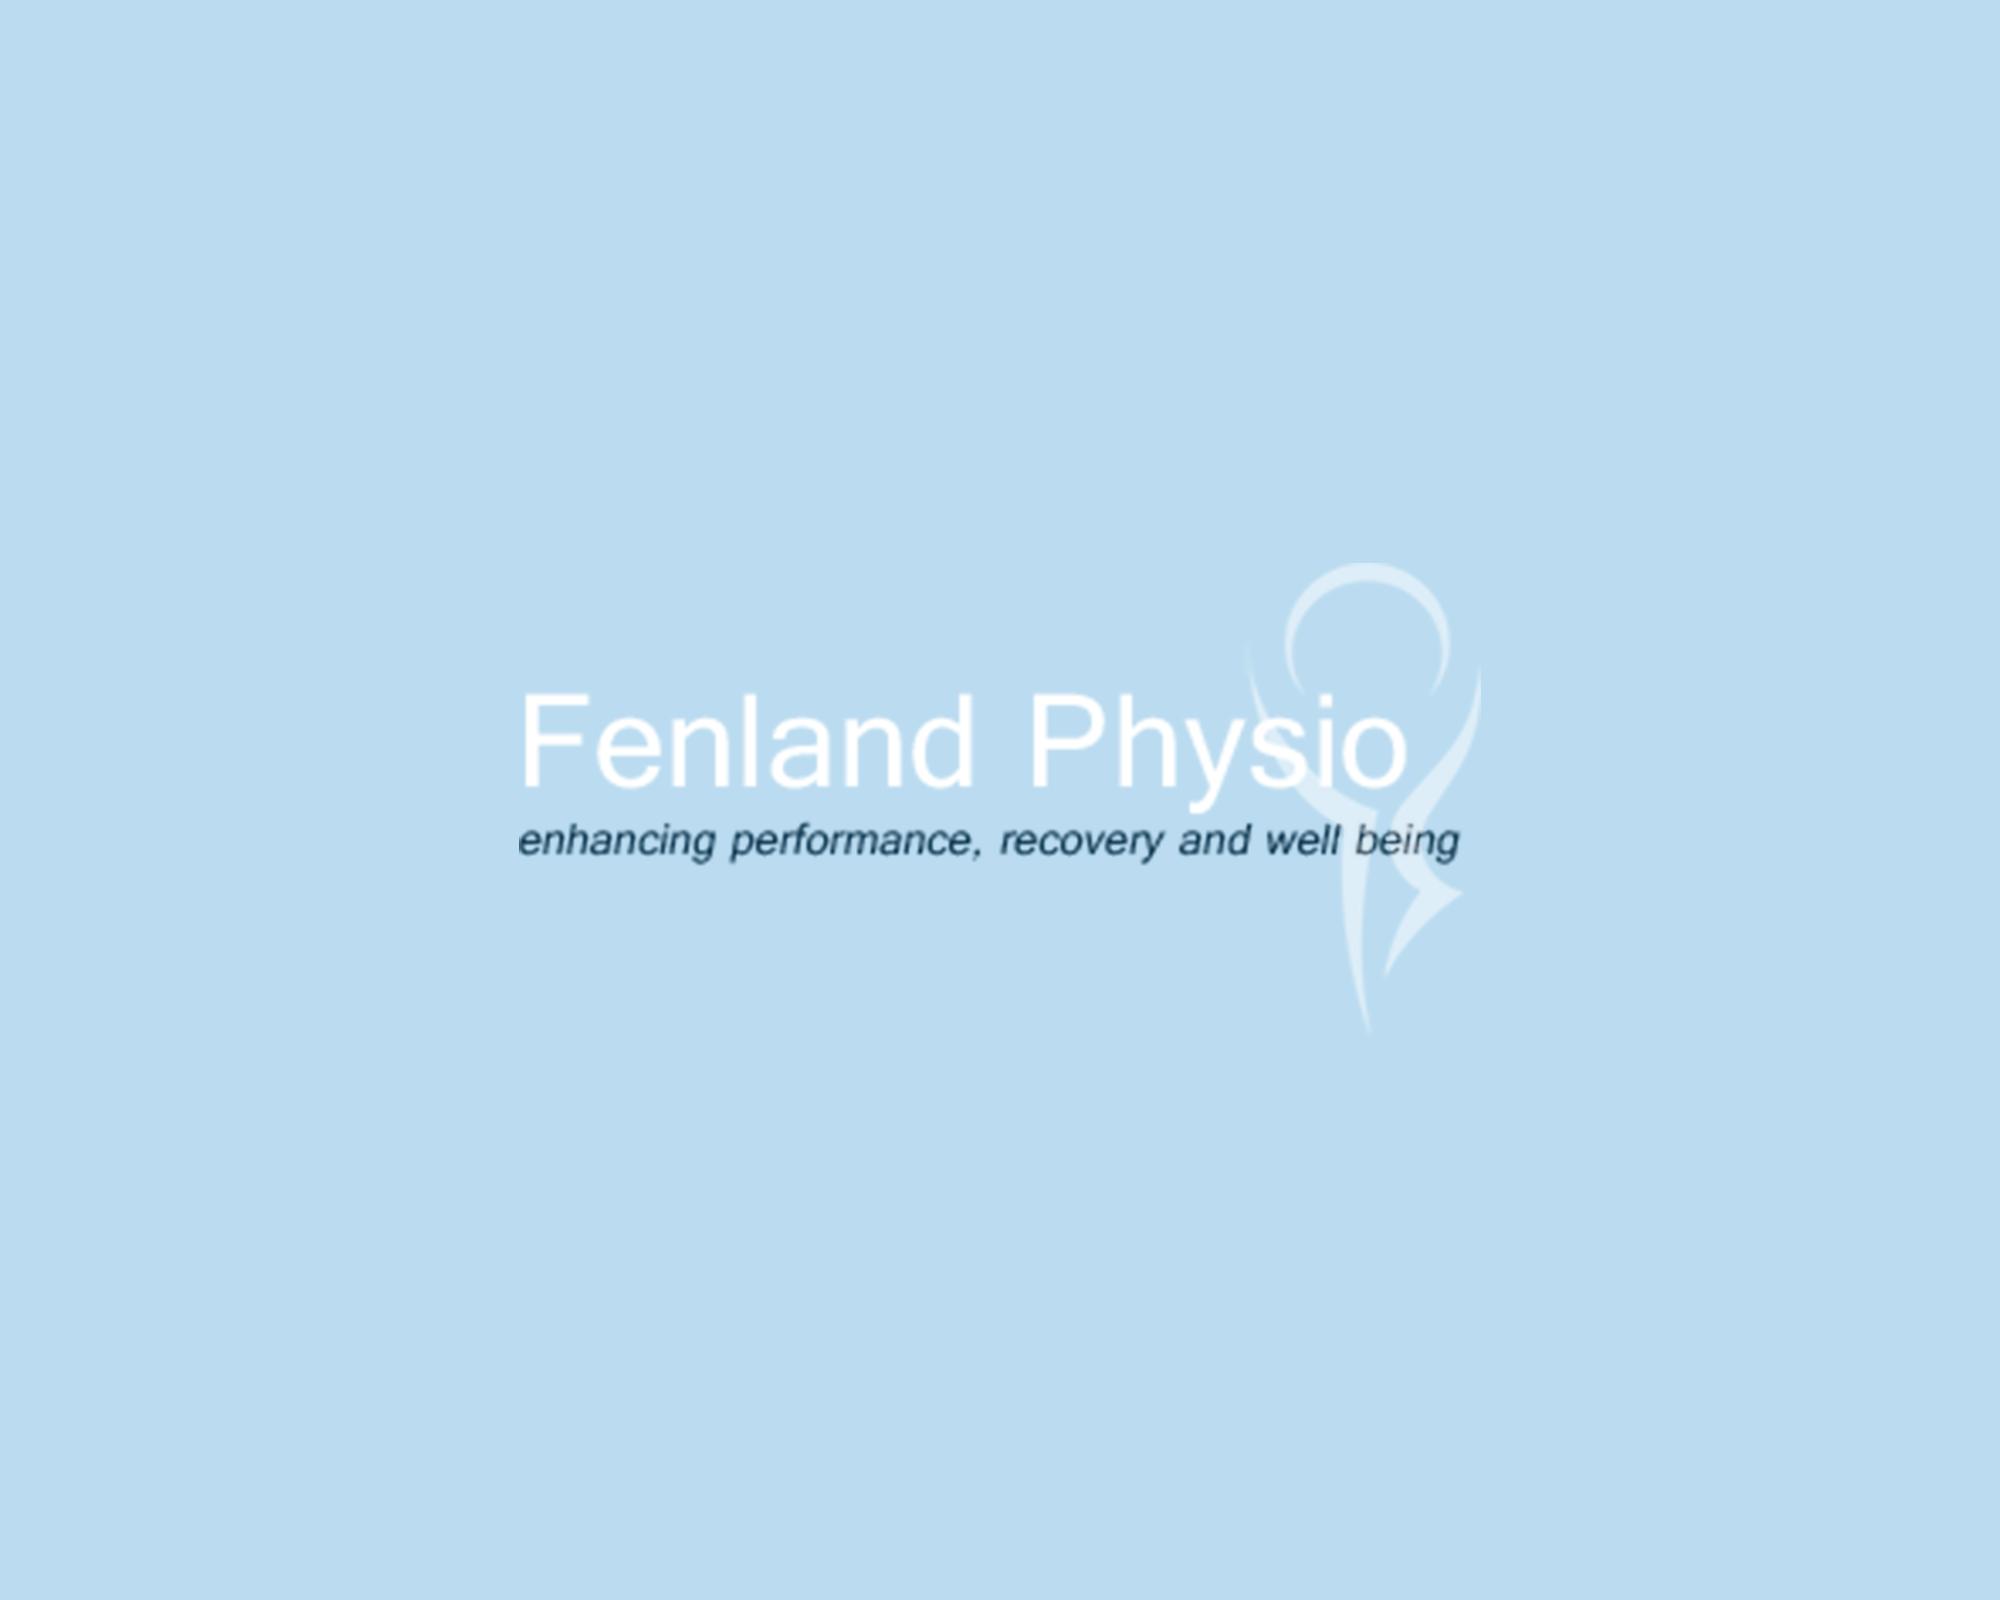 fenland physio Logo